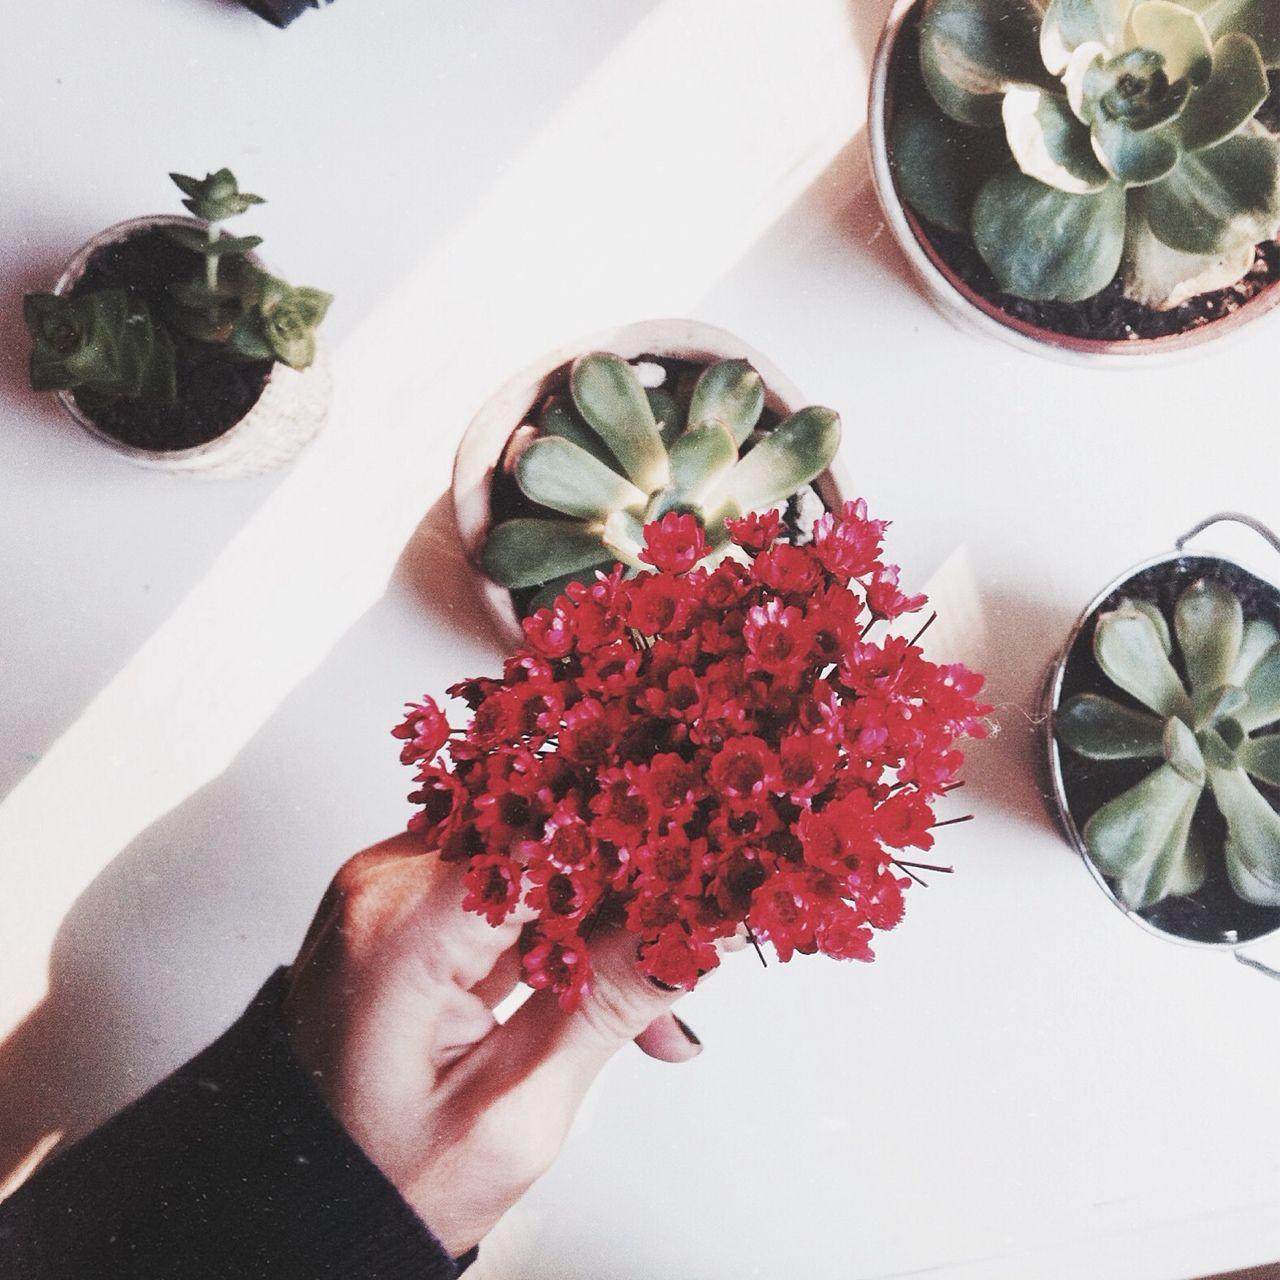 #vintage #flower #suculent #plants